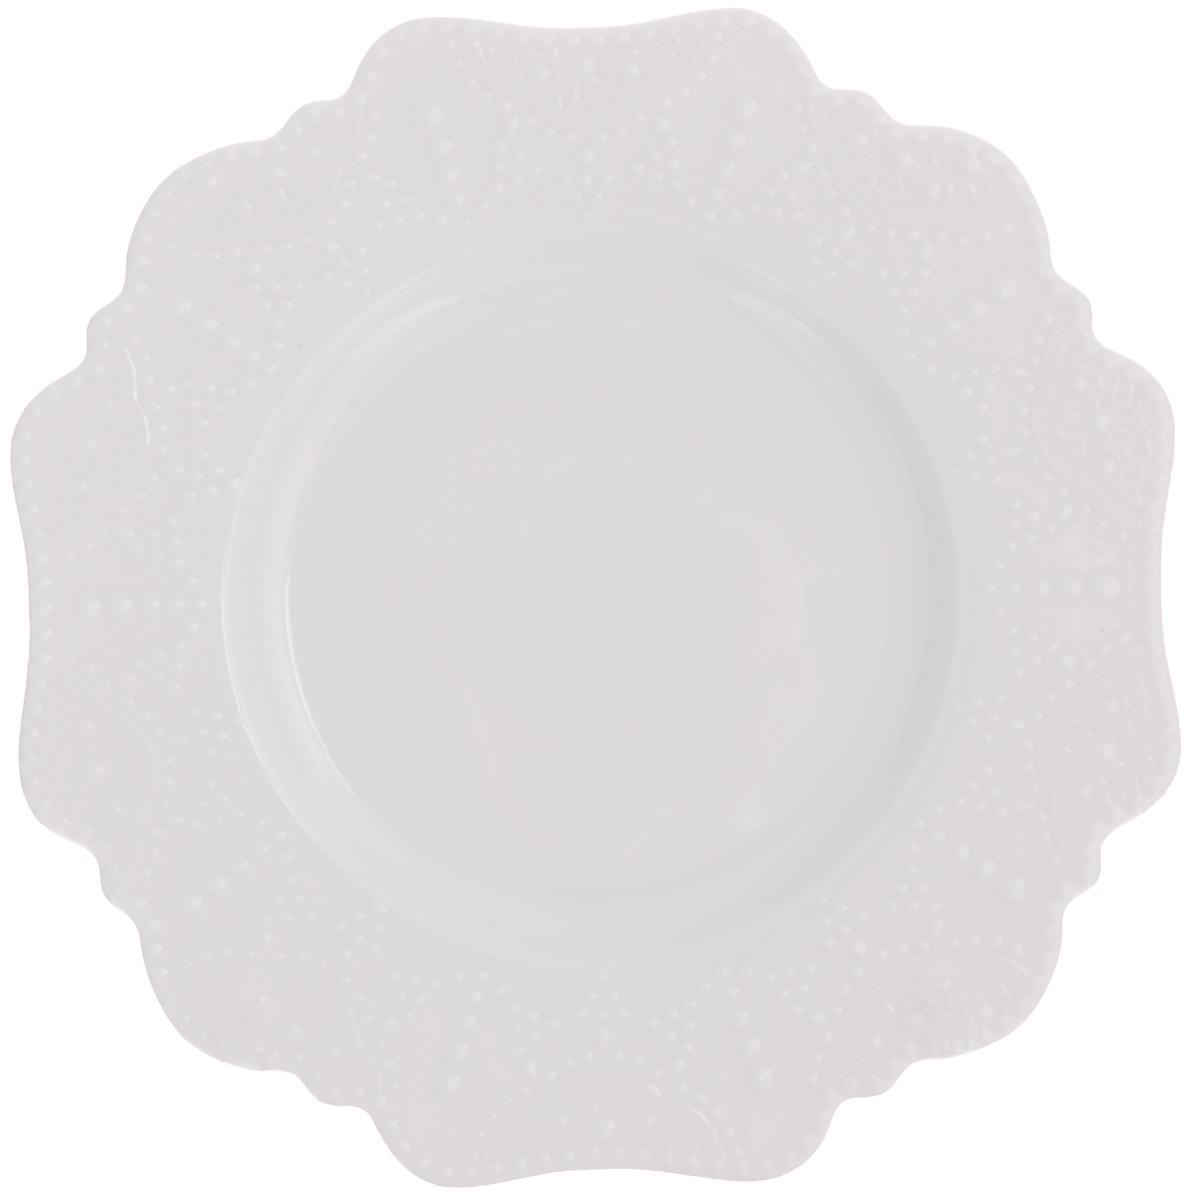 Тарелка десертная Walmer Vivien, цвет: белый, диаметр 21 см115510Десертная тарелка Luminarc Vivien выполнена из высококачественного фарфора. Такая тарелка прекрасно подходит как для торжественных случаев, так и для повседневного использования. Идеальна для подачи десертов, пирожных, тортов и многого другого. Она прекрасно оформит стол и станет отличным дополнением к вашей коллекции кухонной посуды. Диаметр тарелки (по верхнему краю): 21 см.